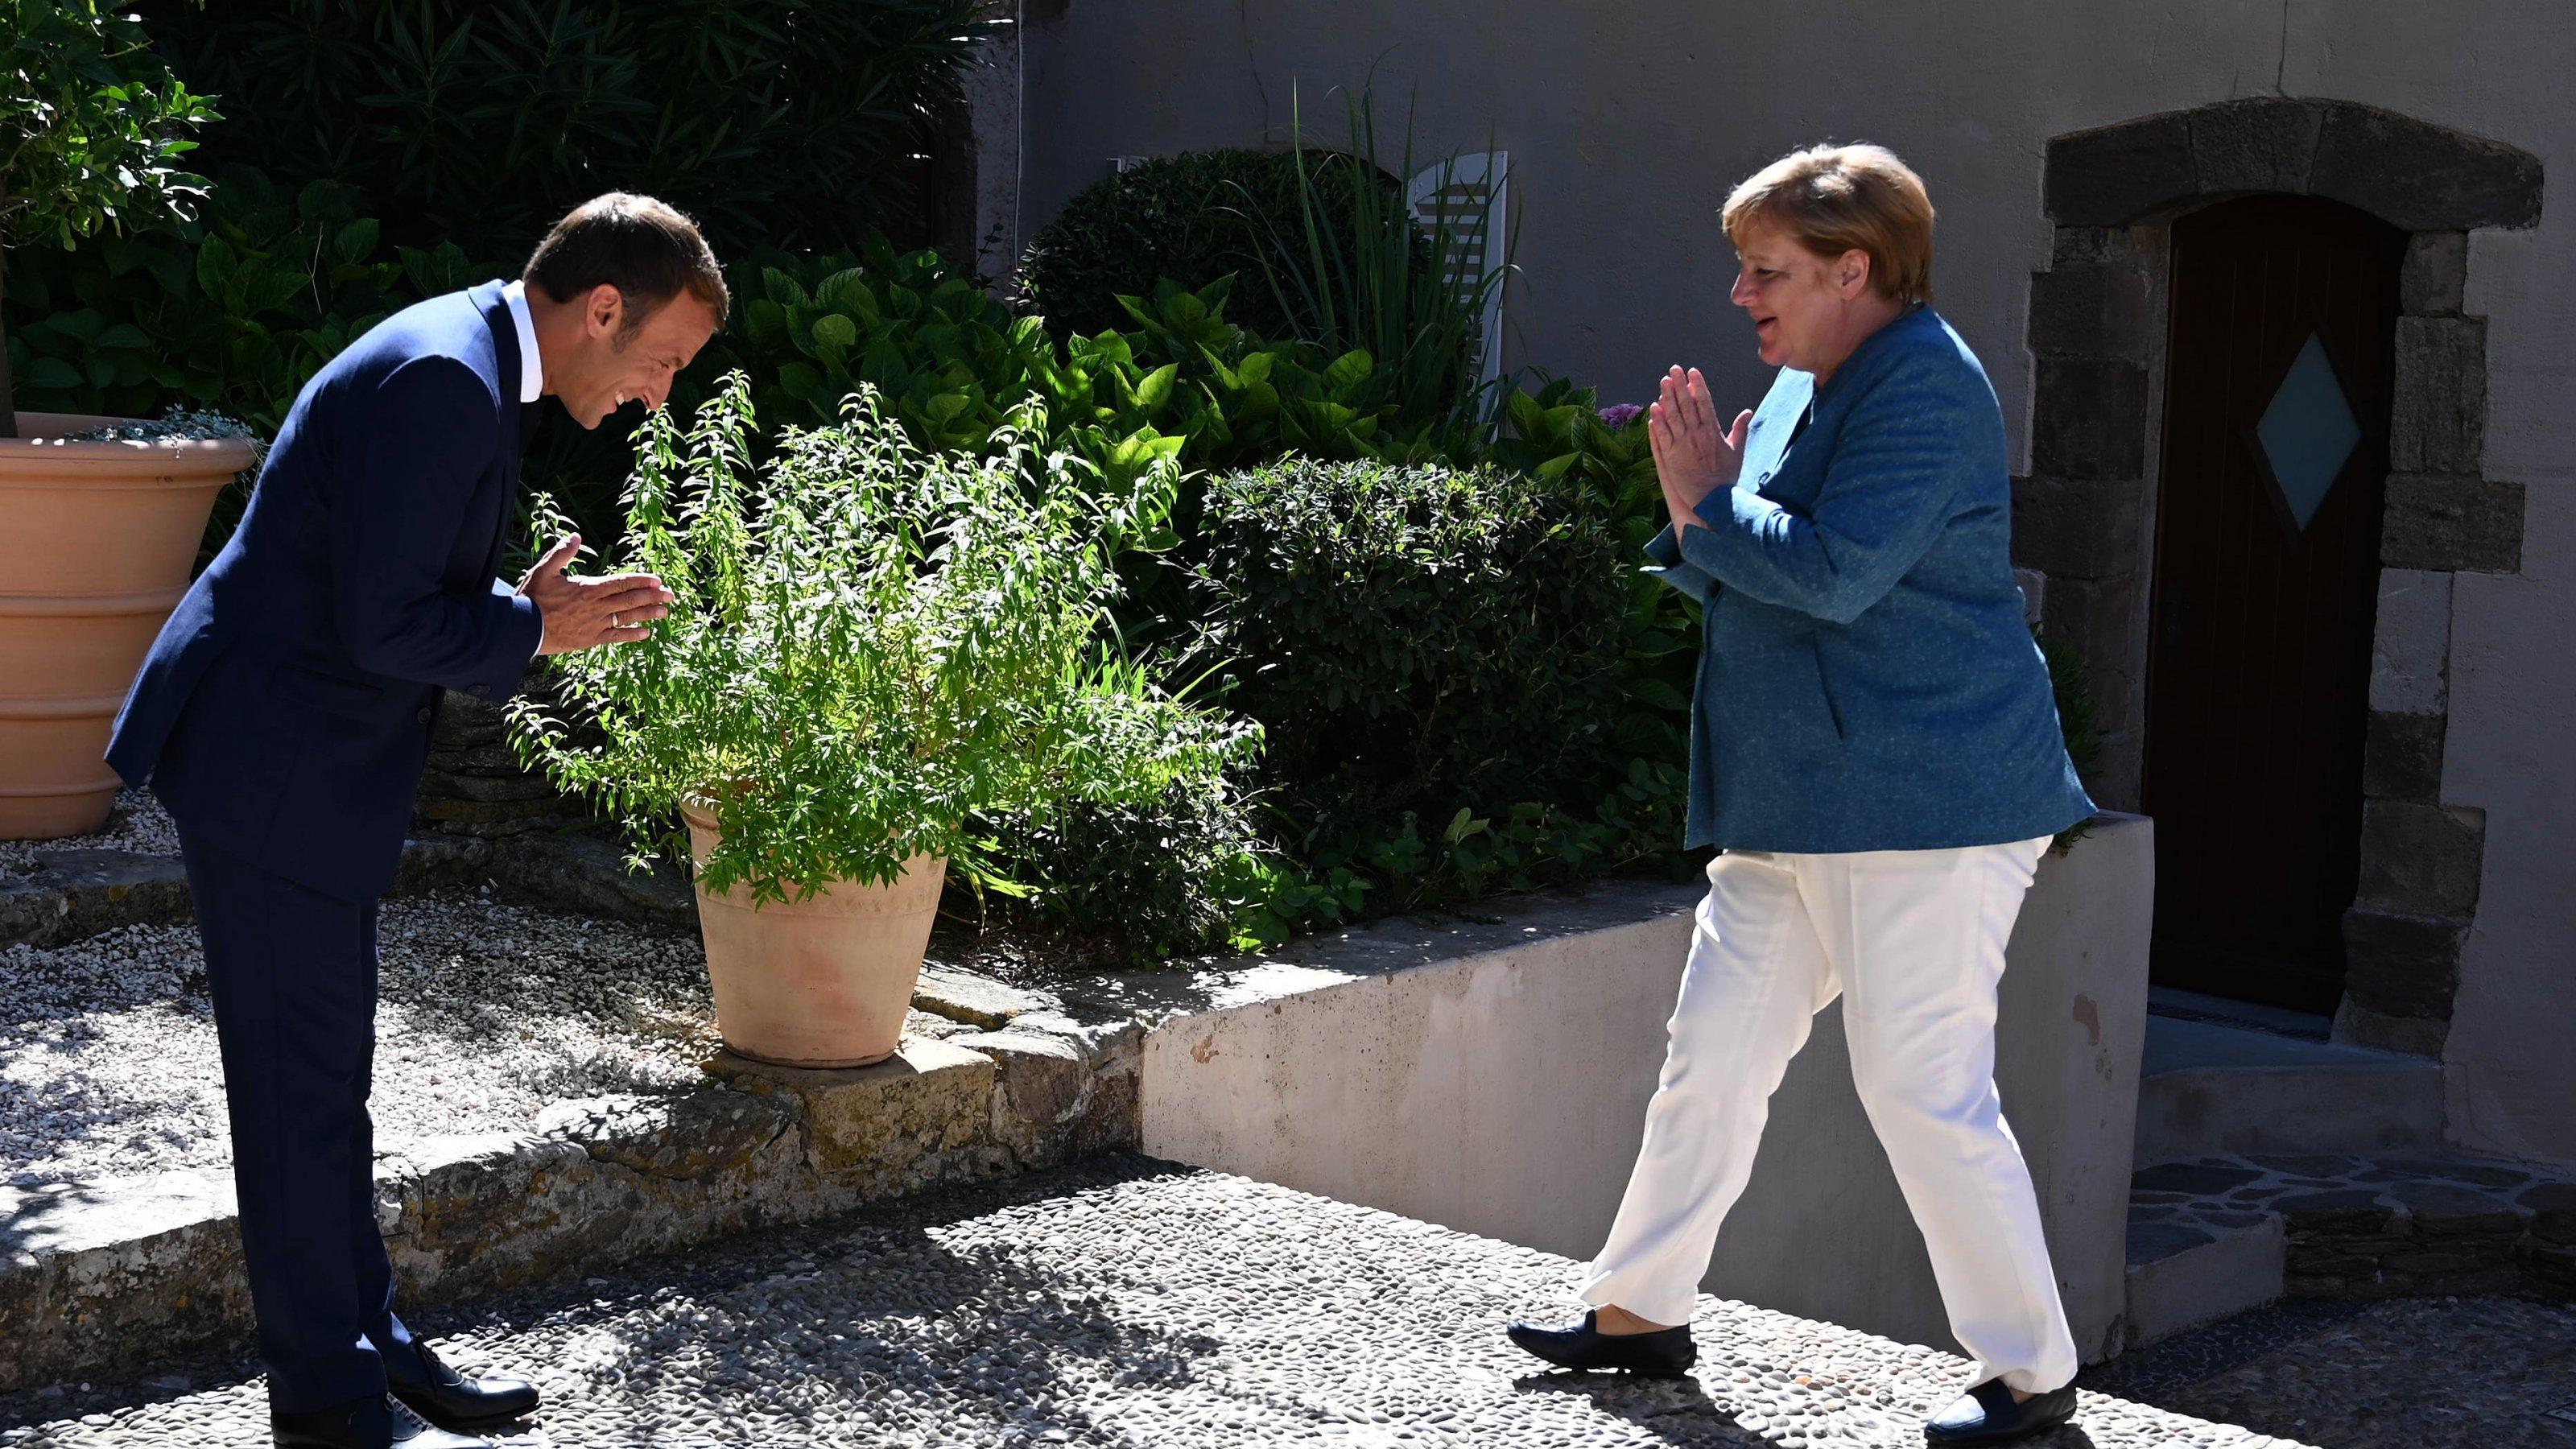 Das Bild ist im Freien aufgenommen. Macron steht links und macht eine tiefe Verbeugung mit zusammengefalteten Händen. Merkel kommt von rechts und macht eine freundliche Geste, aber auch ein bisschen abwehrend, so als sei ihr die Ehrerbietung zu viel. Lassen wir also Macron vor dem Strauch verbeugen, der in der Mitte des Bildes steht. Passt ja auch zum Thema.